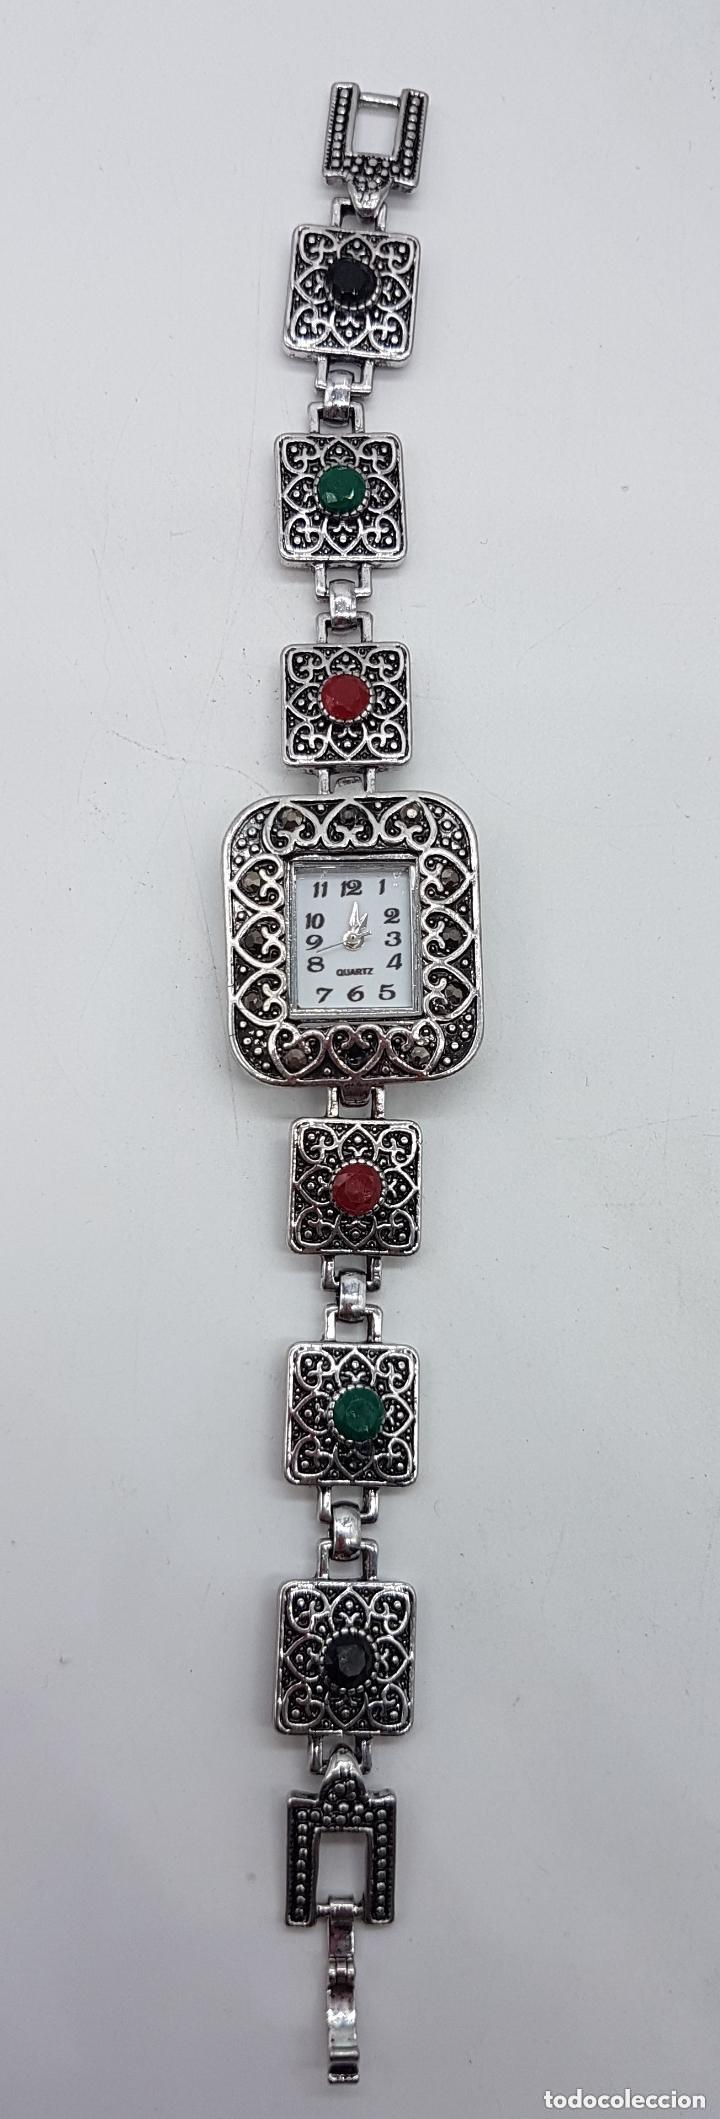 Relojes: Bello reloj de estilo art decó con baño en plata de ley . - Foto 3 - 168064188